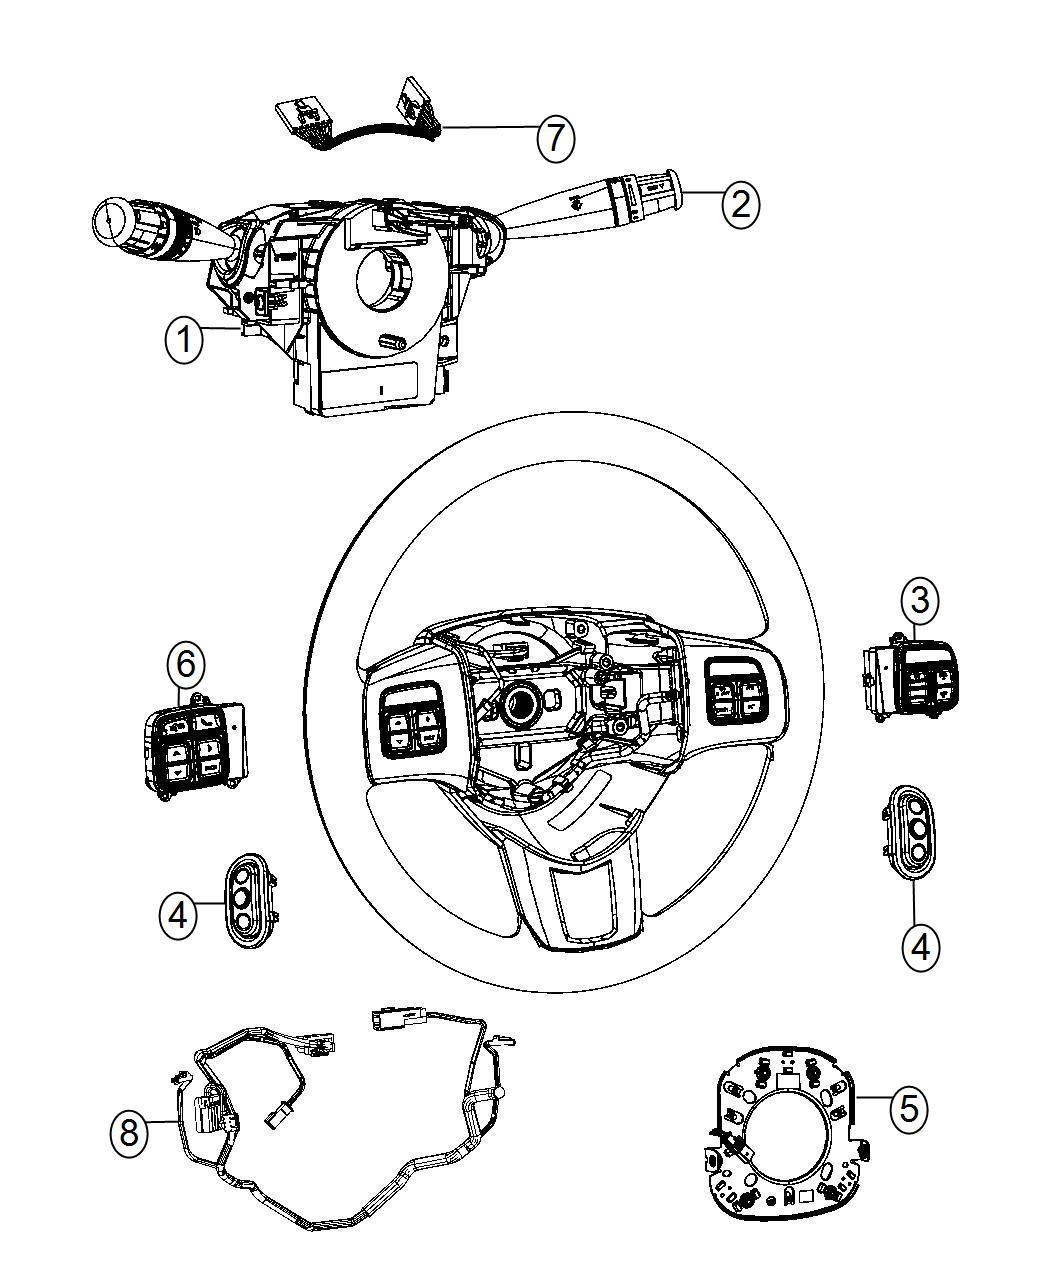 2014 Chrysler 200 Wiring. Steering wheel. Trim: [no